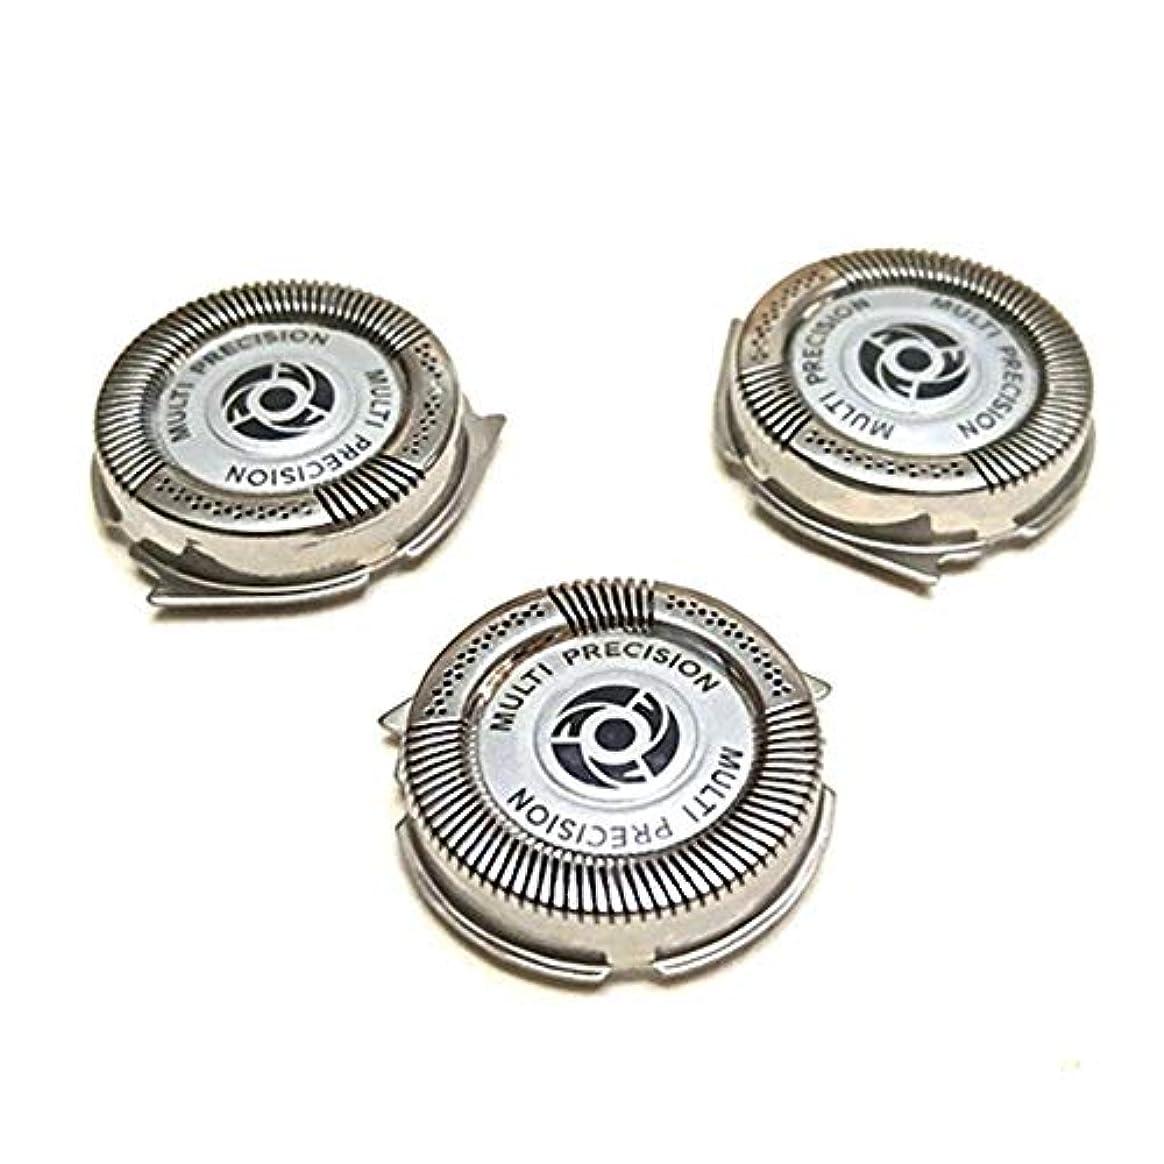 摂氏どうやって大陸3PCSシェーバー 替刃 交換用カッターヘッド フィリップスカミソリSH50 S5091 S5080 S5076 S5420 5082シェービング アクセサリー